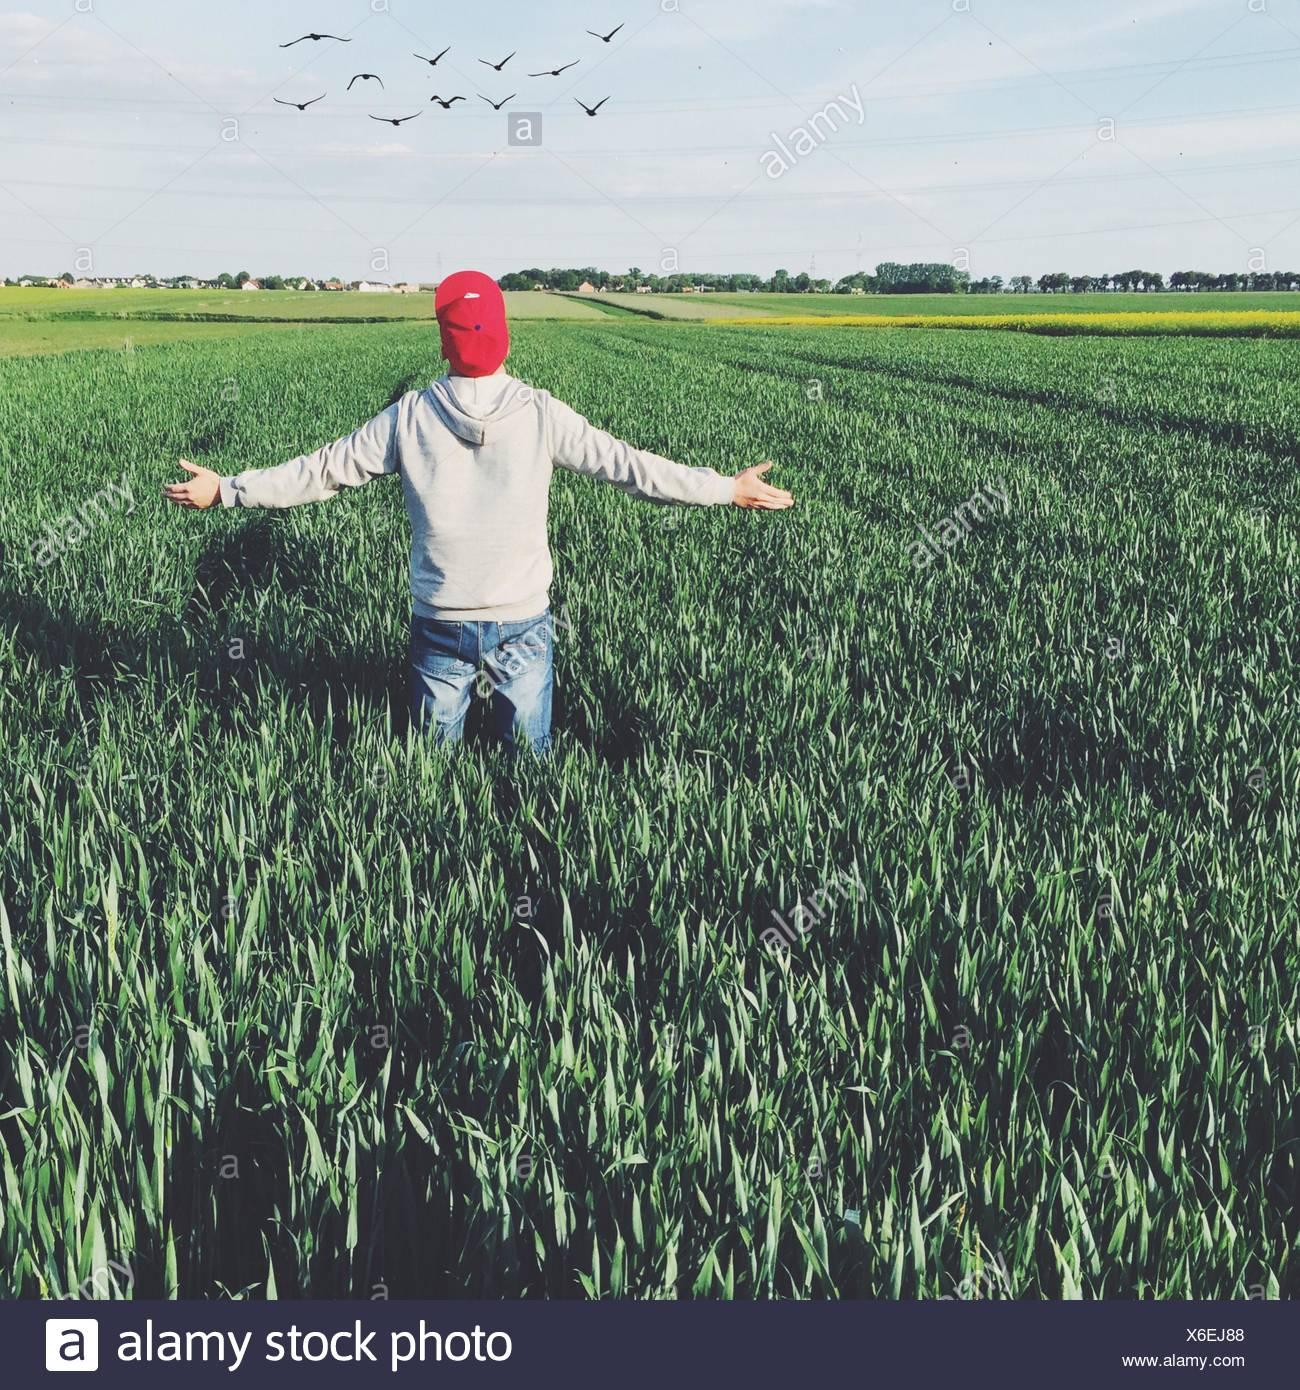 Vue arrière de l'homme à l'aide contre le ciel On Grassy Field Photo Stock